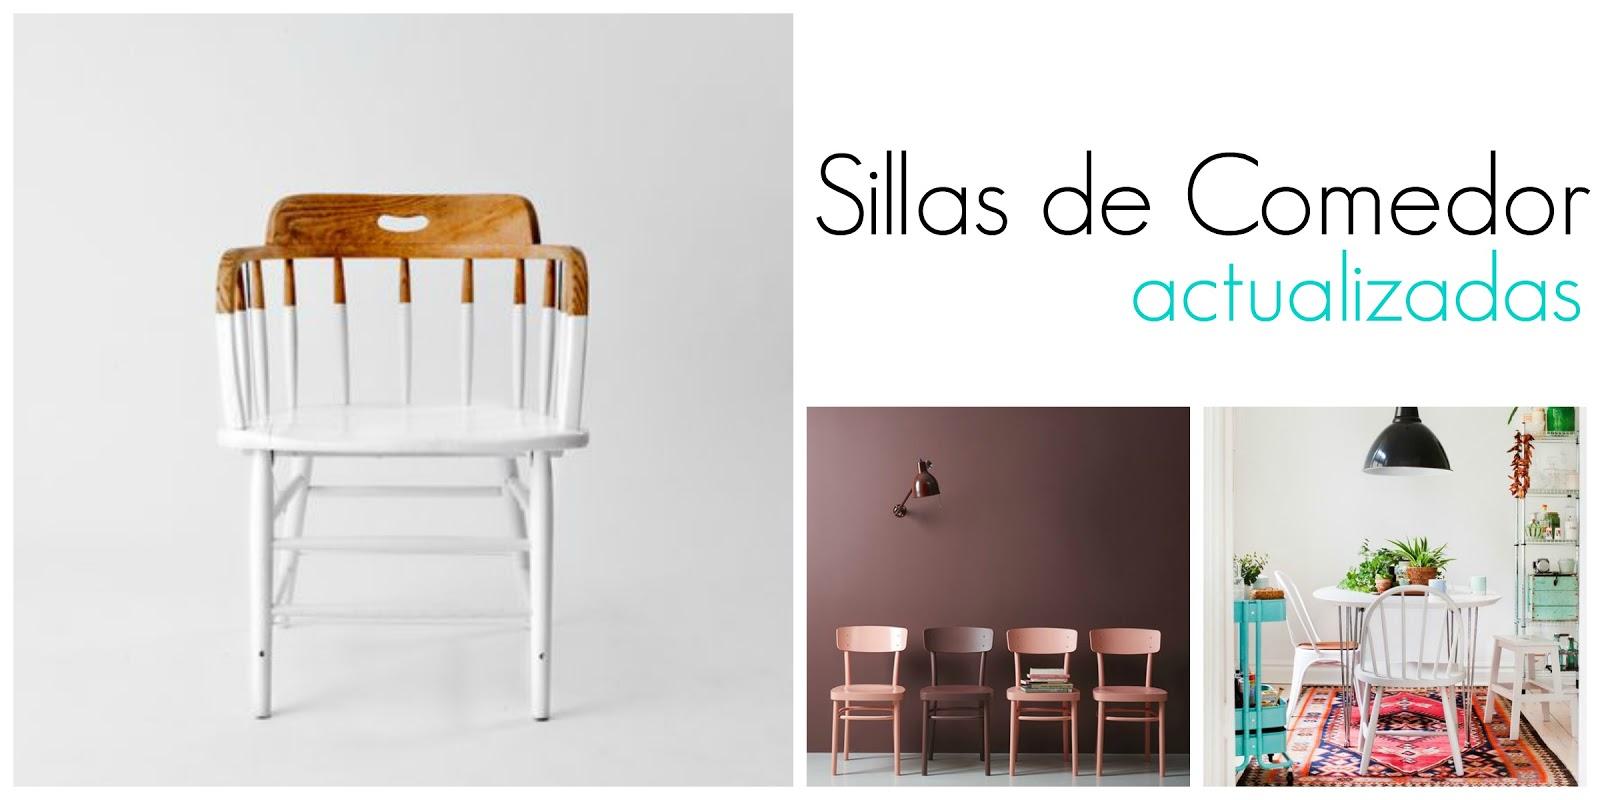 Inspiraci n sillas de comedor actualizadas for Sillas para inicial